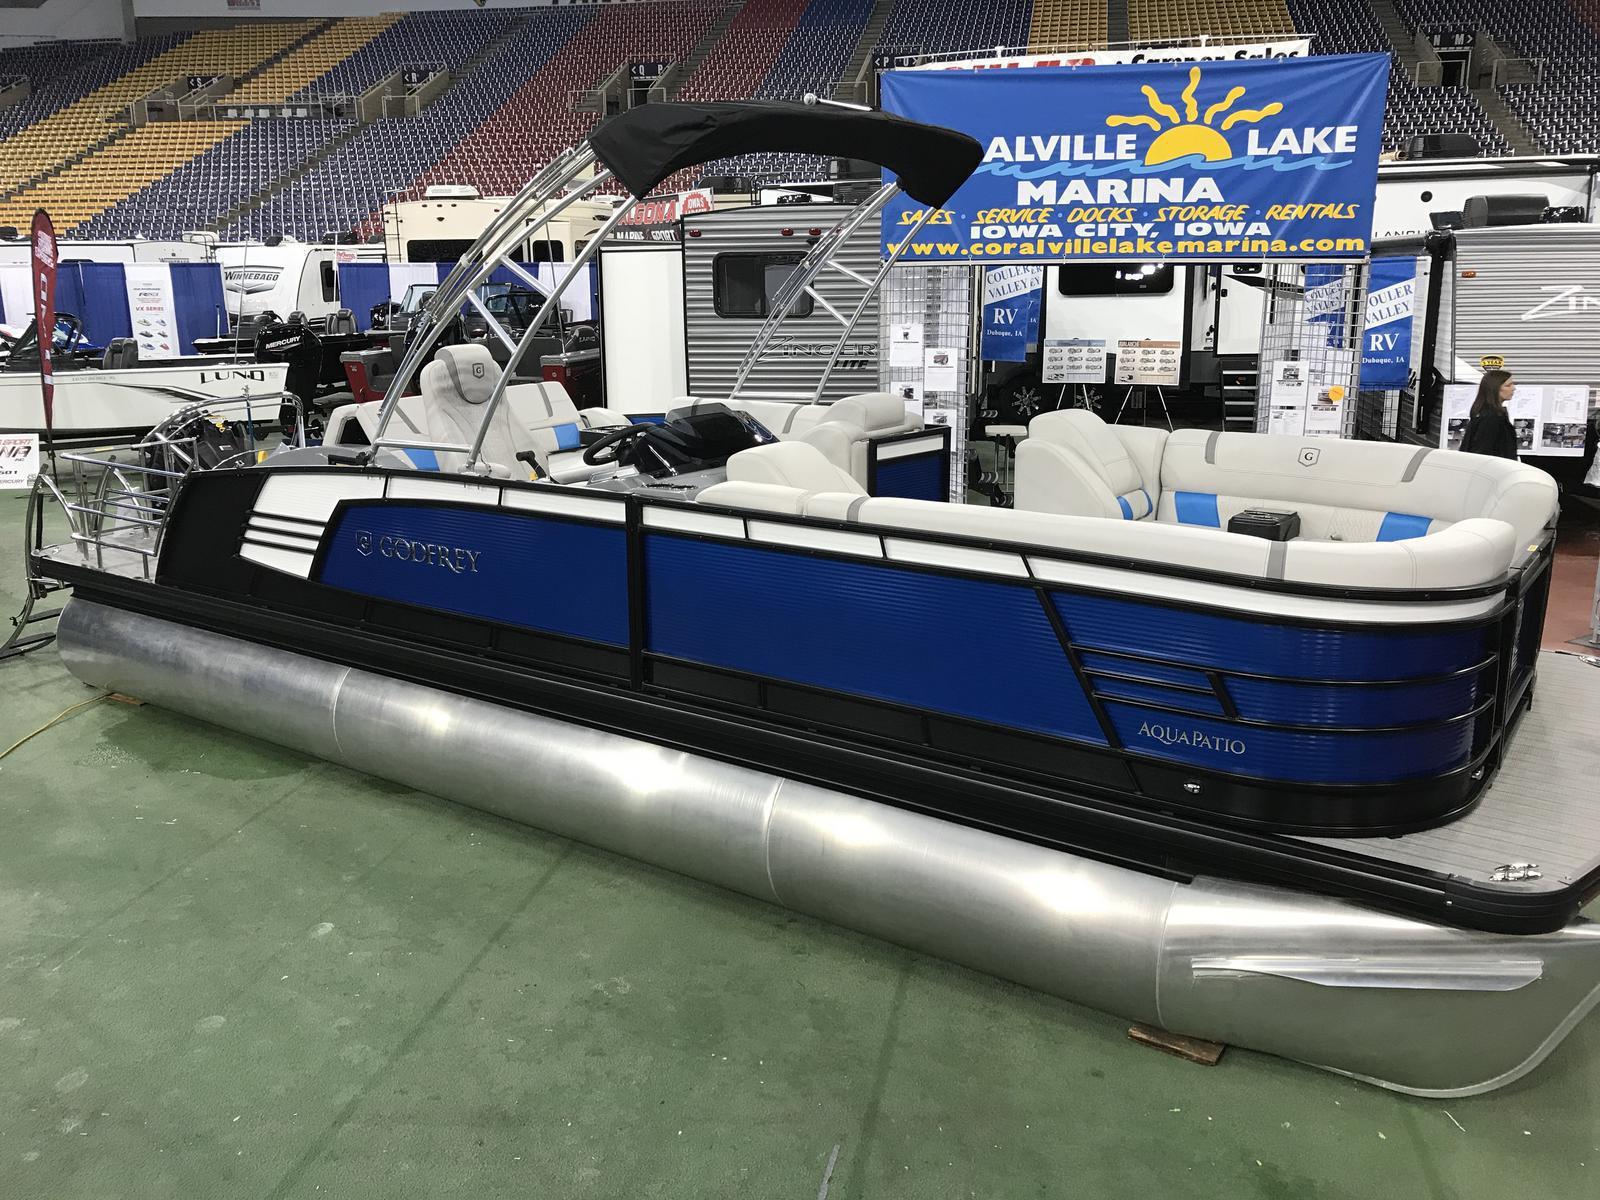 AquaPatio AP 259 Elite - TT-27 - 350hp Max